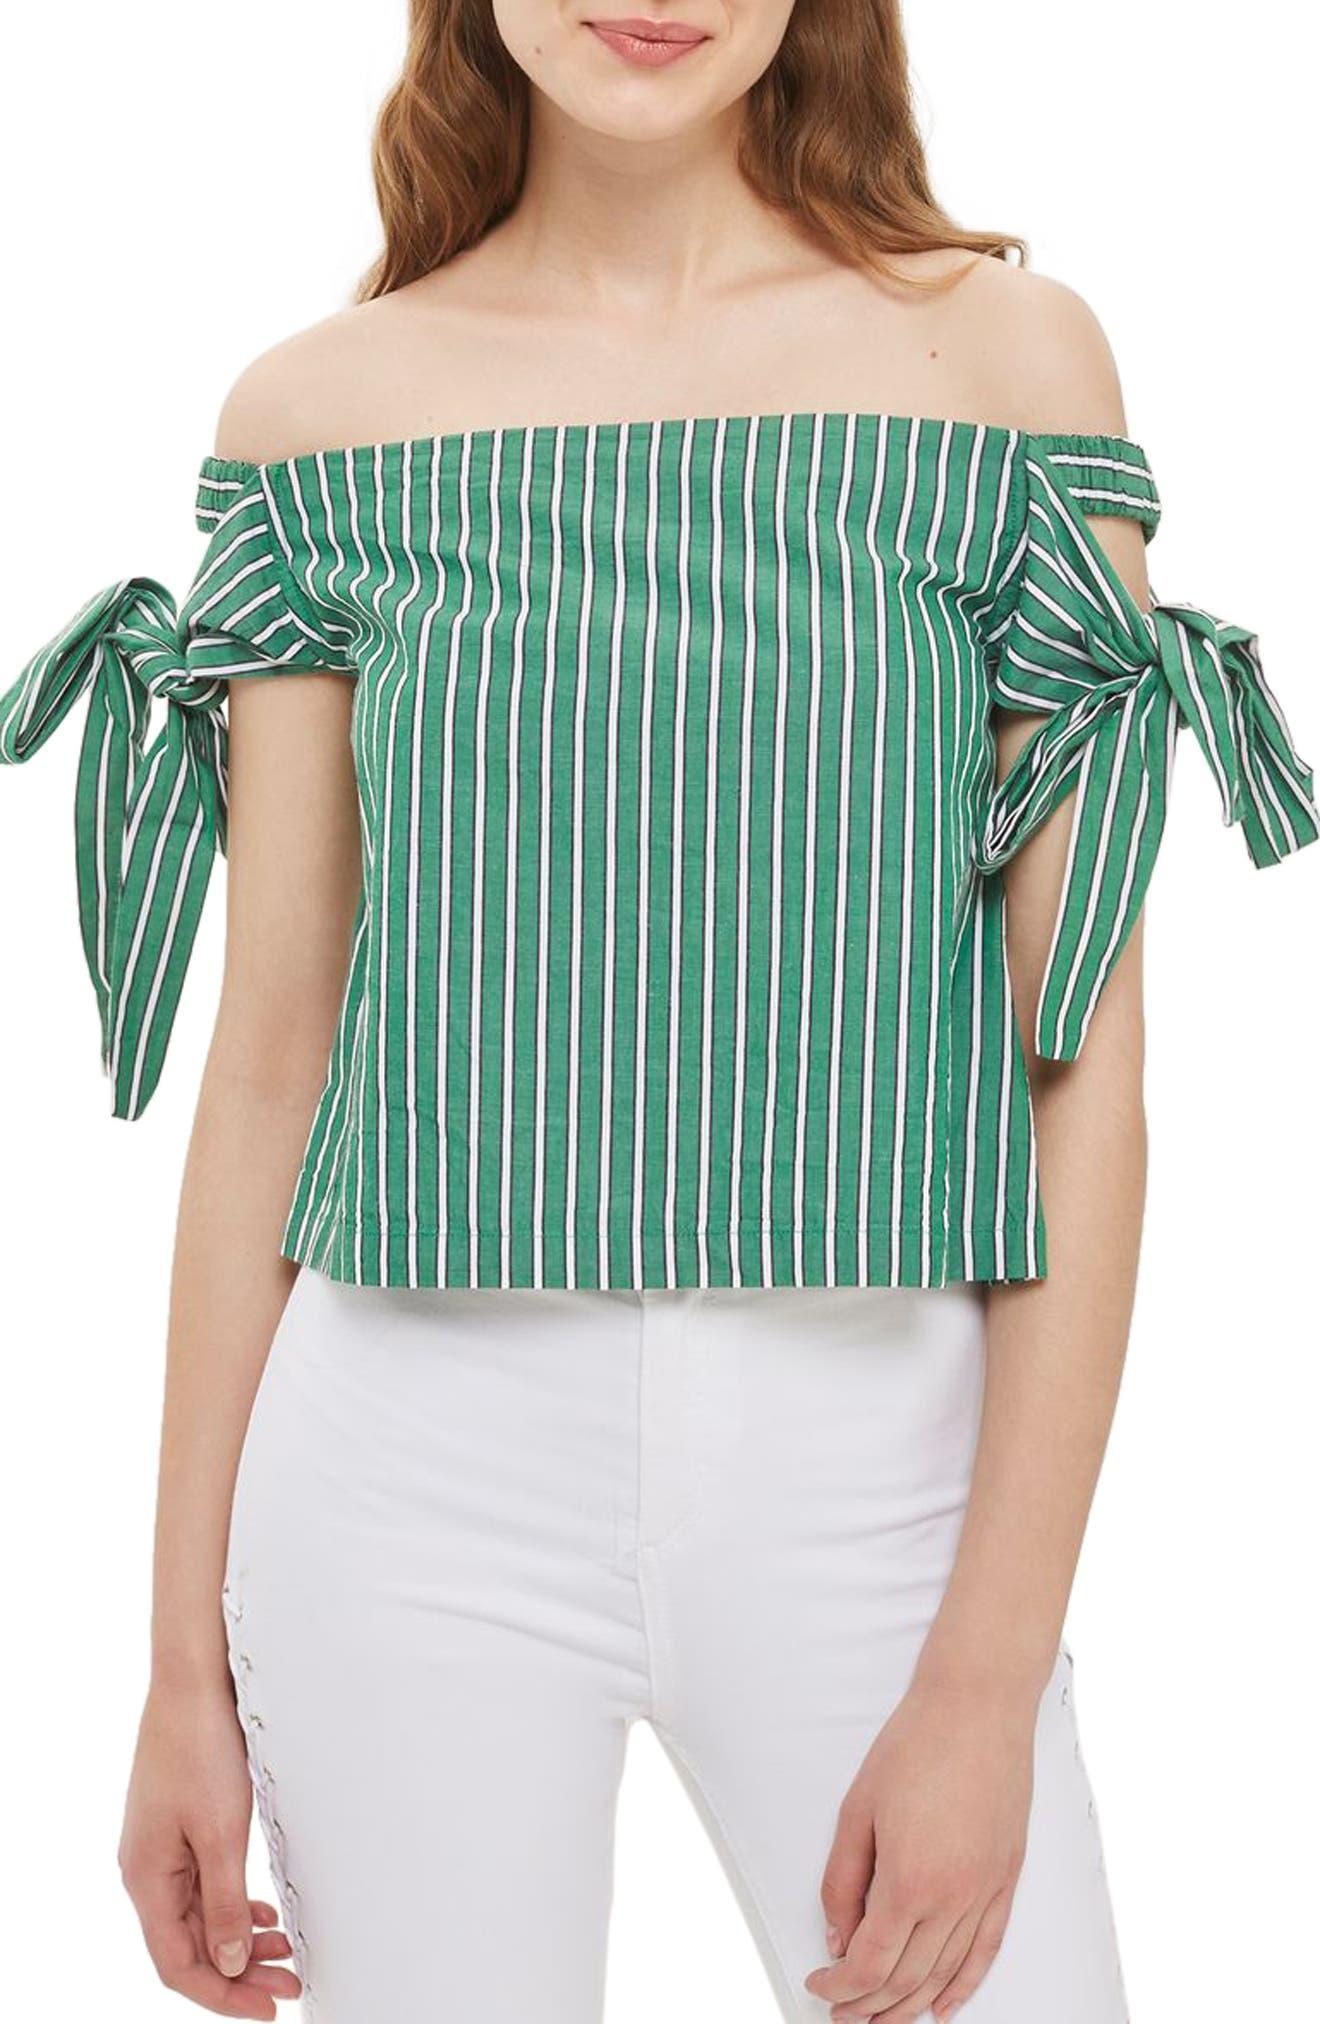 Alternate Image 1 Selected - Topshop Bardot Tie Sleeve Stripe Top